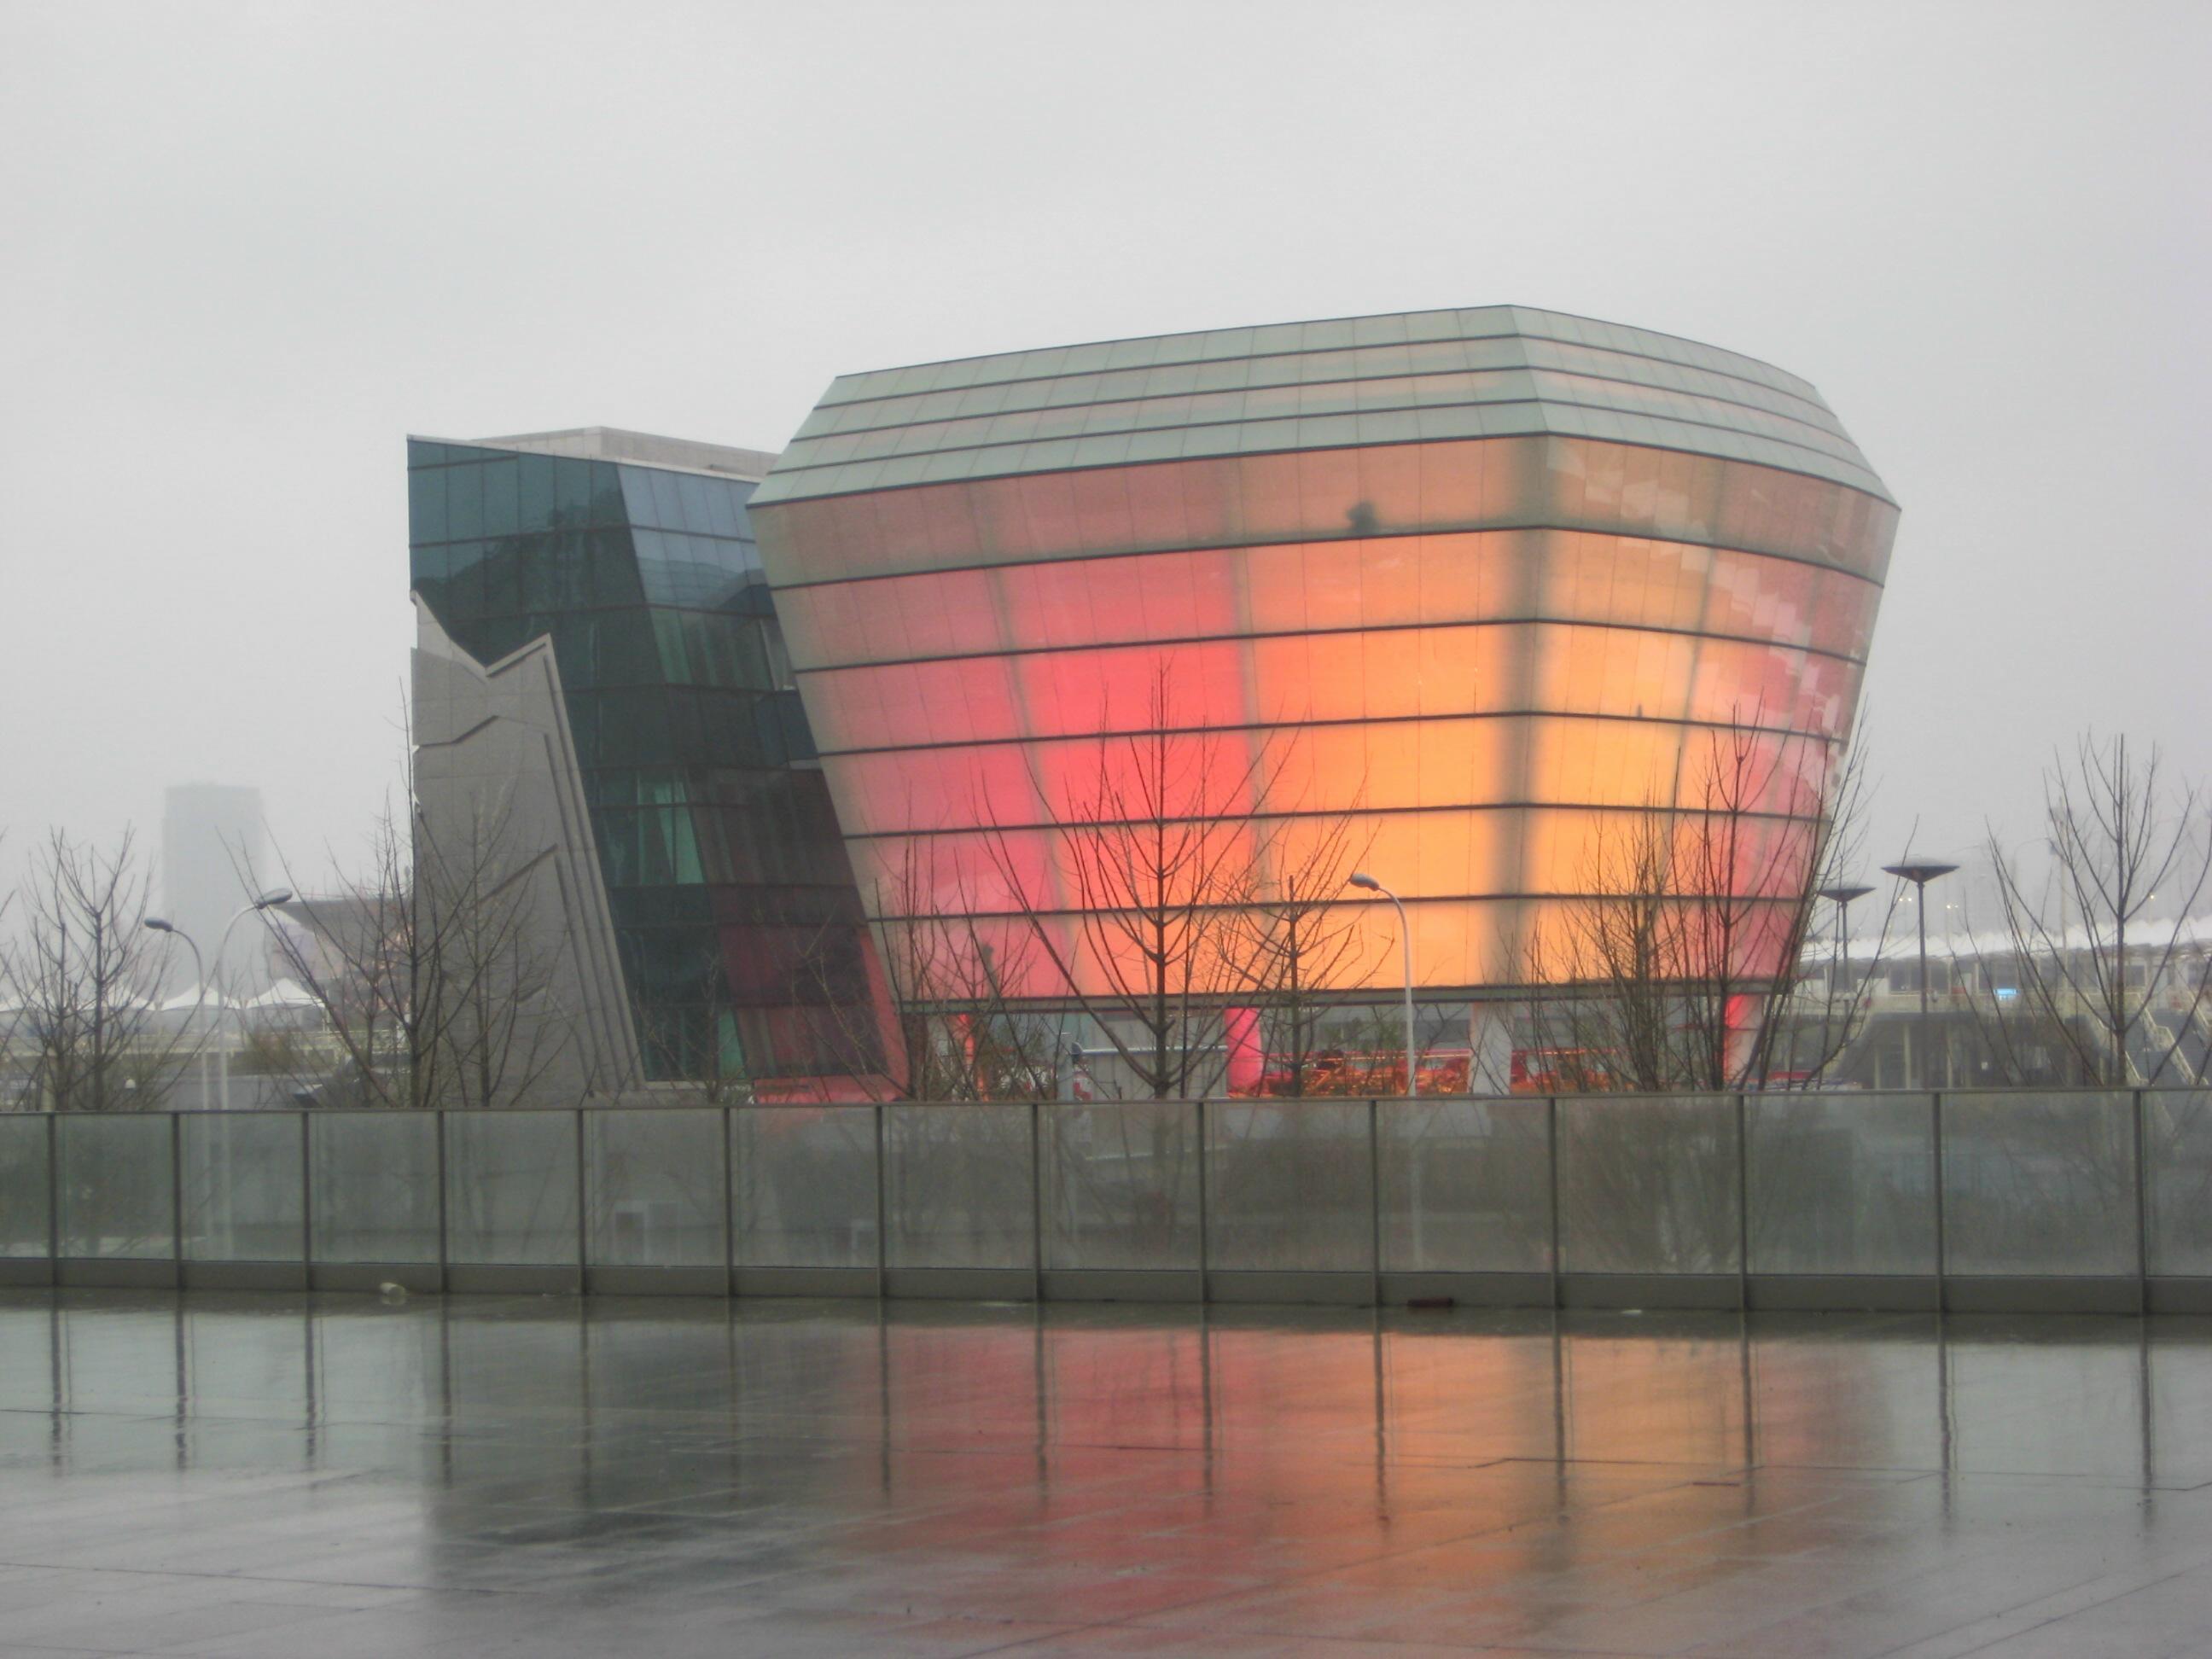 2101世界博覽會台灣館,經過工作團隊的努力,展館實際興建進度超過預期,3/31日正式宣告竣工。